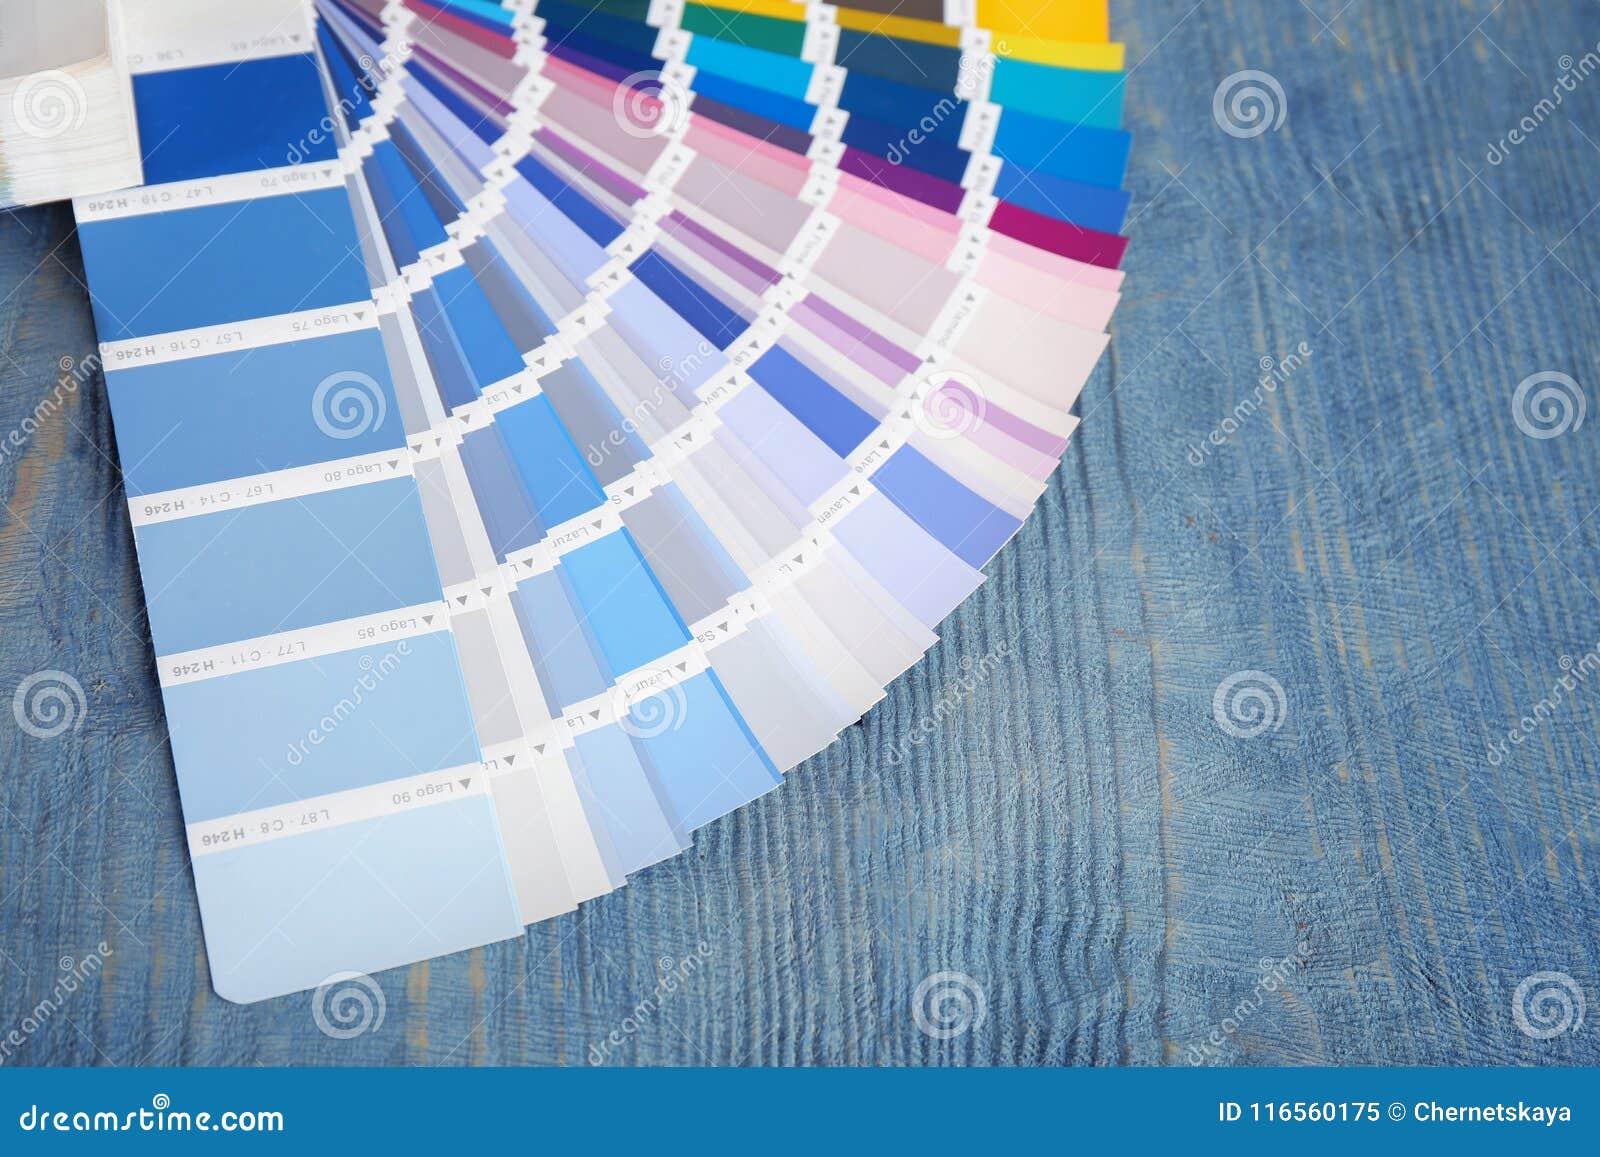 Color palette samples on background